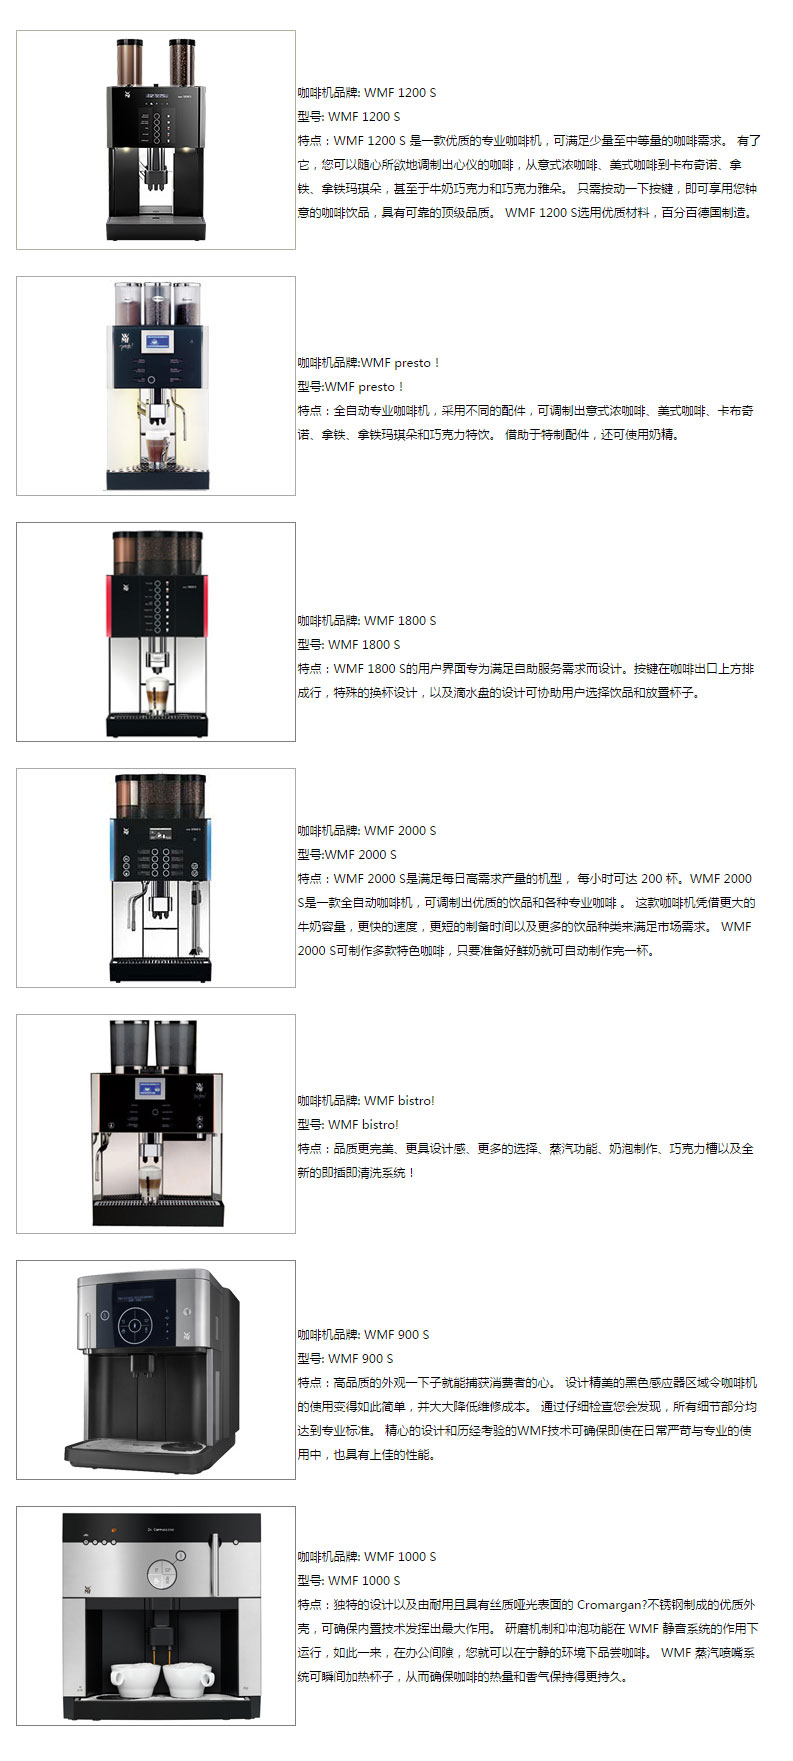 喜客全自动ManBetX体育官网机.jpg